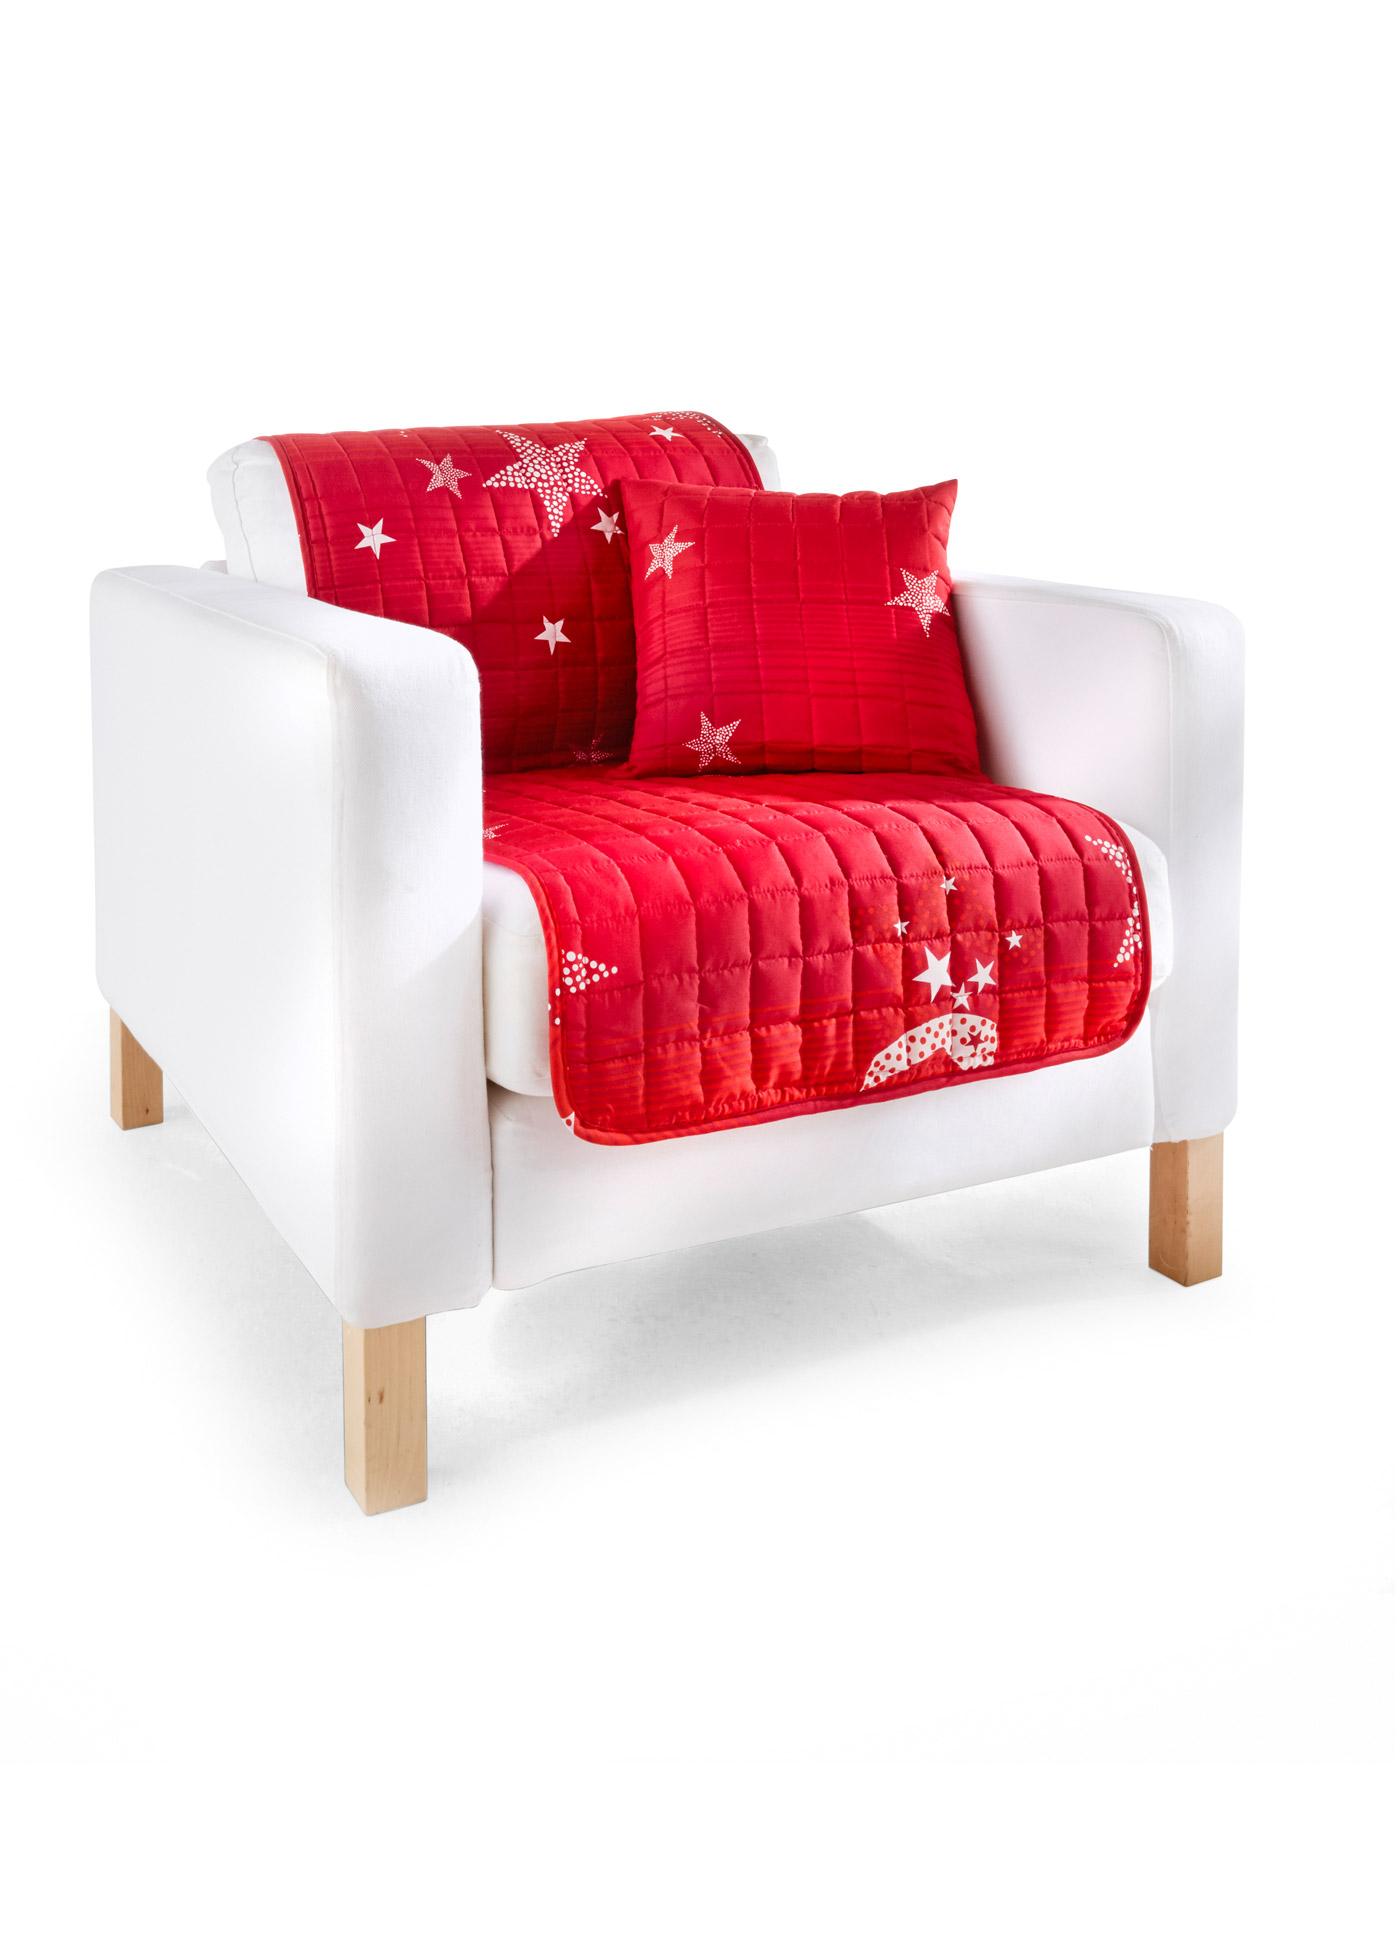 Copridivano Stelle (Rosso) - bpc living